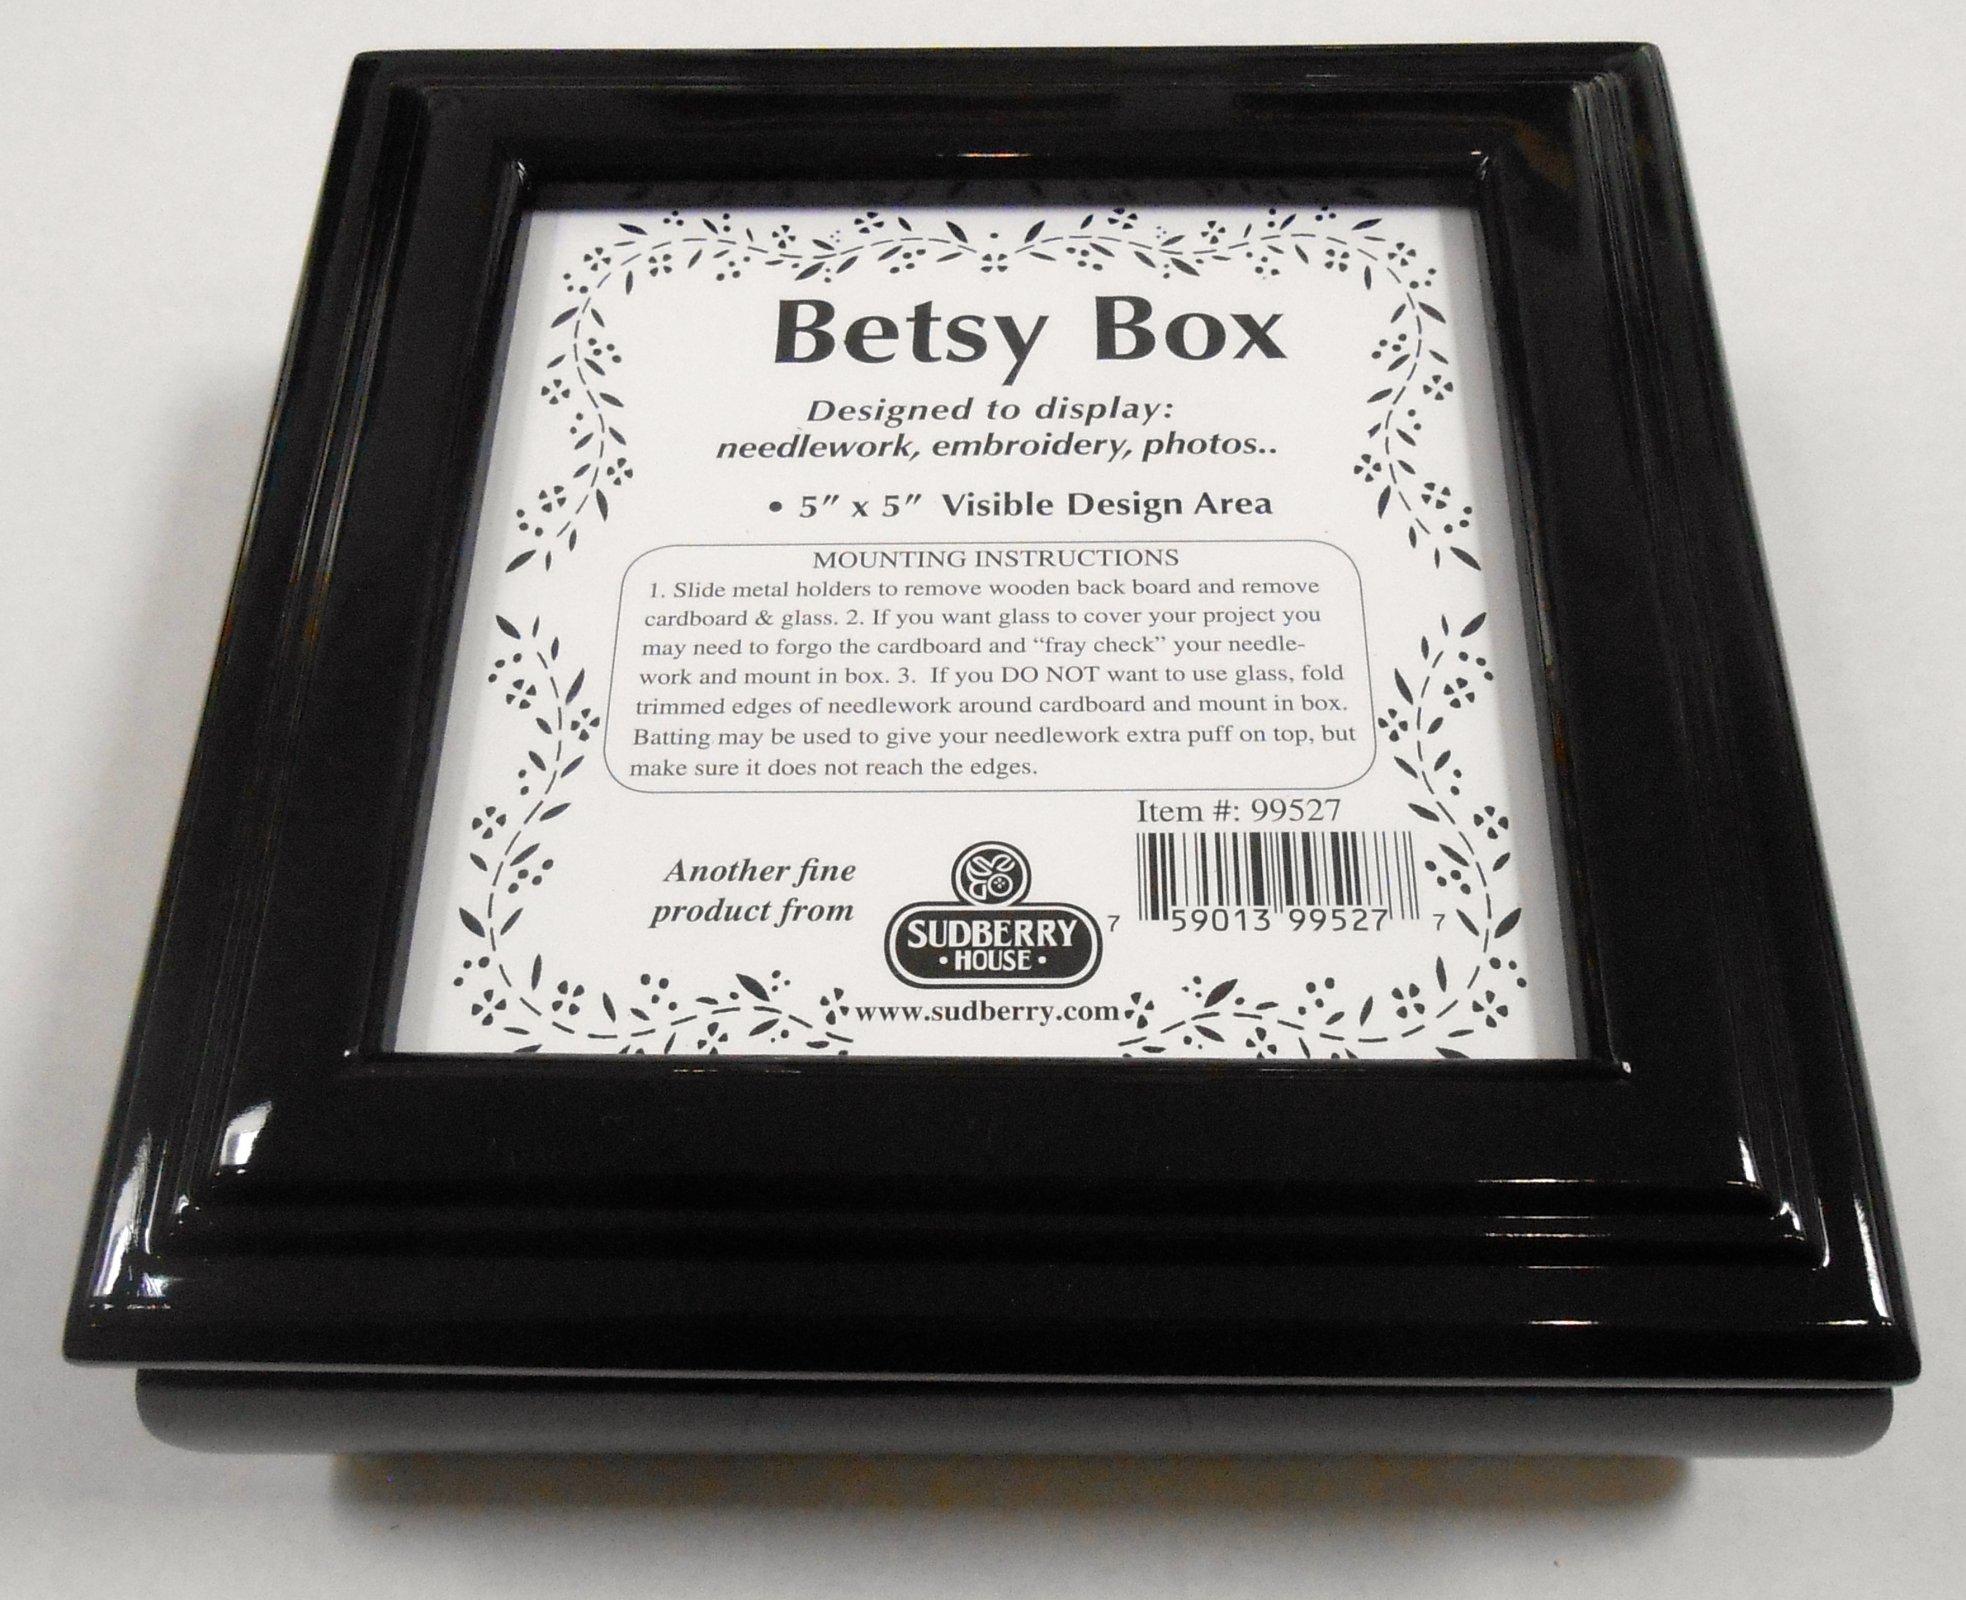 New Black Betsy Box